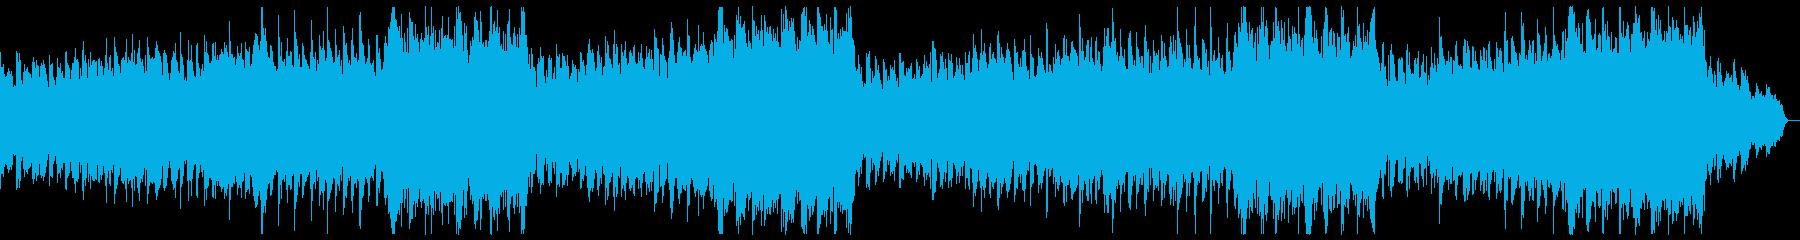 希望あふれるエピックピアノ:フル2回の再生済みの波形